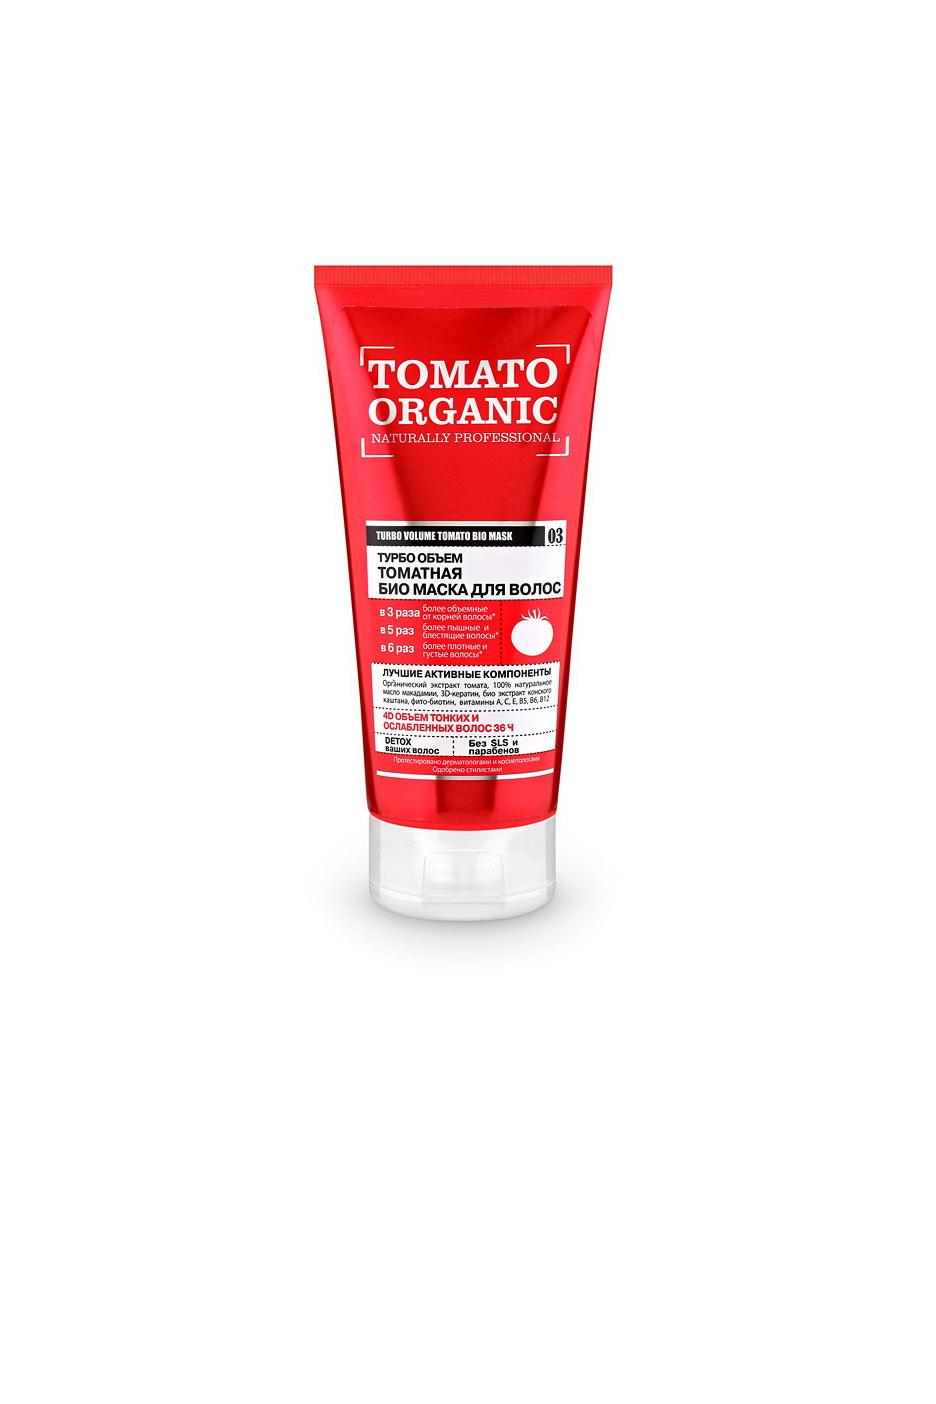 Оrganic Shop Naturally Professional Био-маска для волос Турбо объем, томатная, 200 мл0861-1-4035Органический экстракт томата придает волосам роскошный объем и укрепляет их структуру. 100% натуральное масло макадамии обеспечивает полноценное питание волос, не утяжеляя их, придает блеск. Био-экстракт конского каштана придает волосам дополнительную пышность. 3D-кератин заполняет поврежденные участки волос, придавая им гладкость и шелковистость. Фито-биотин укрепляет корни волос, делая их густыми, объемными и крепкими. Товар сертифицирован.